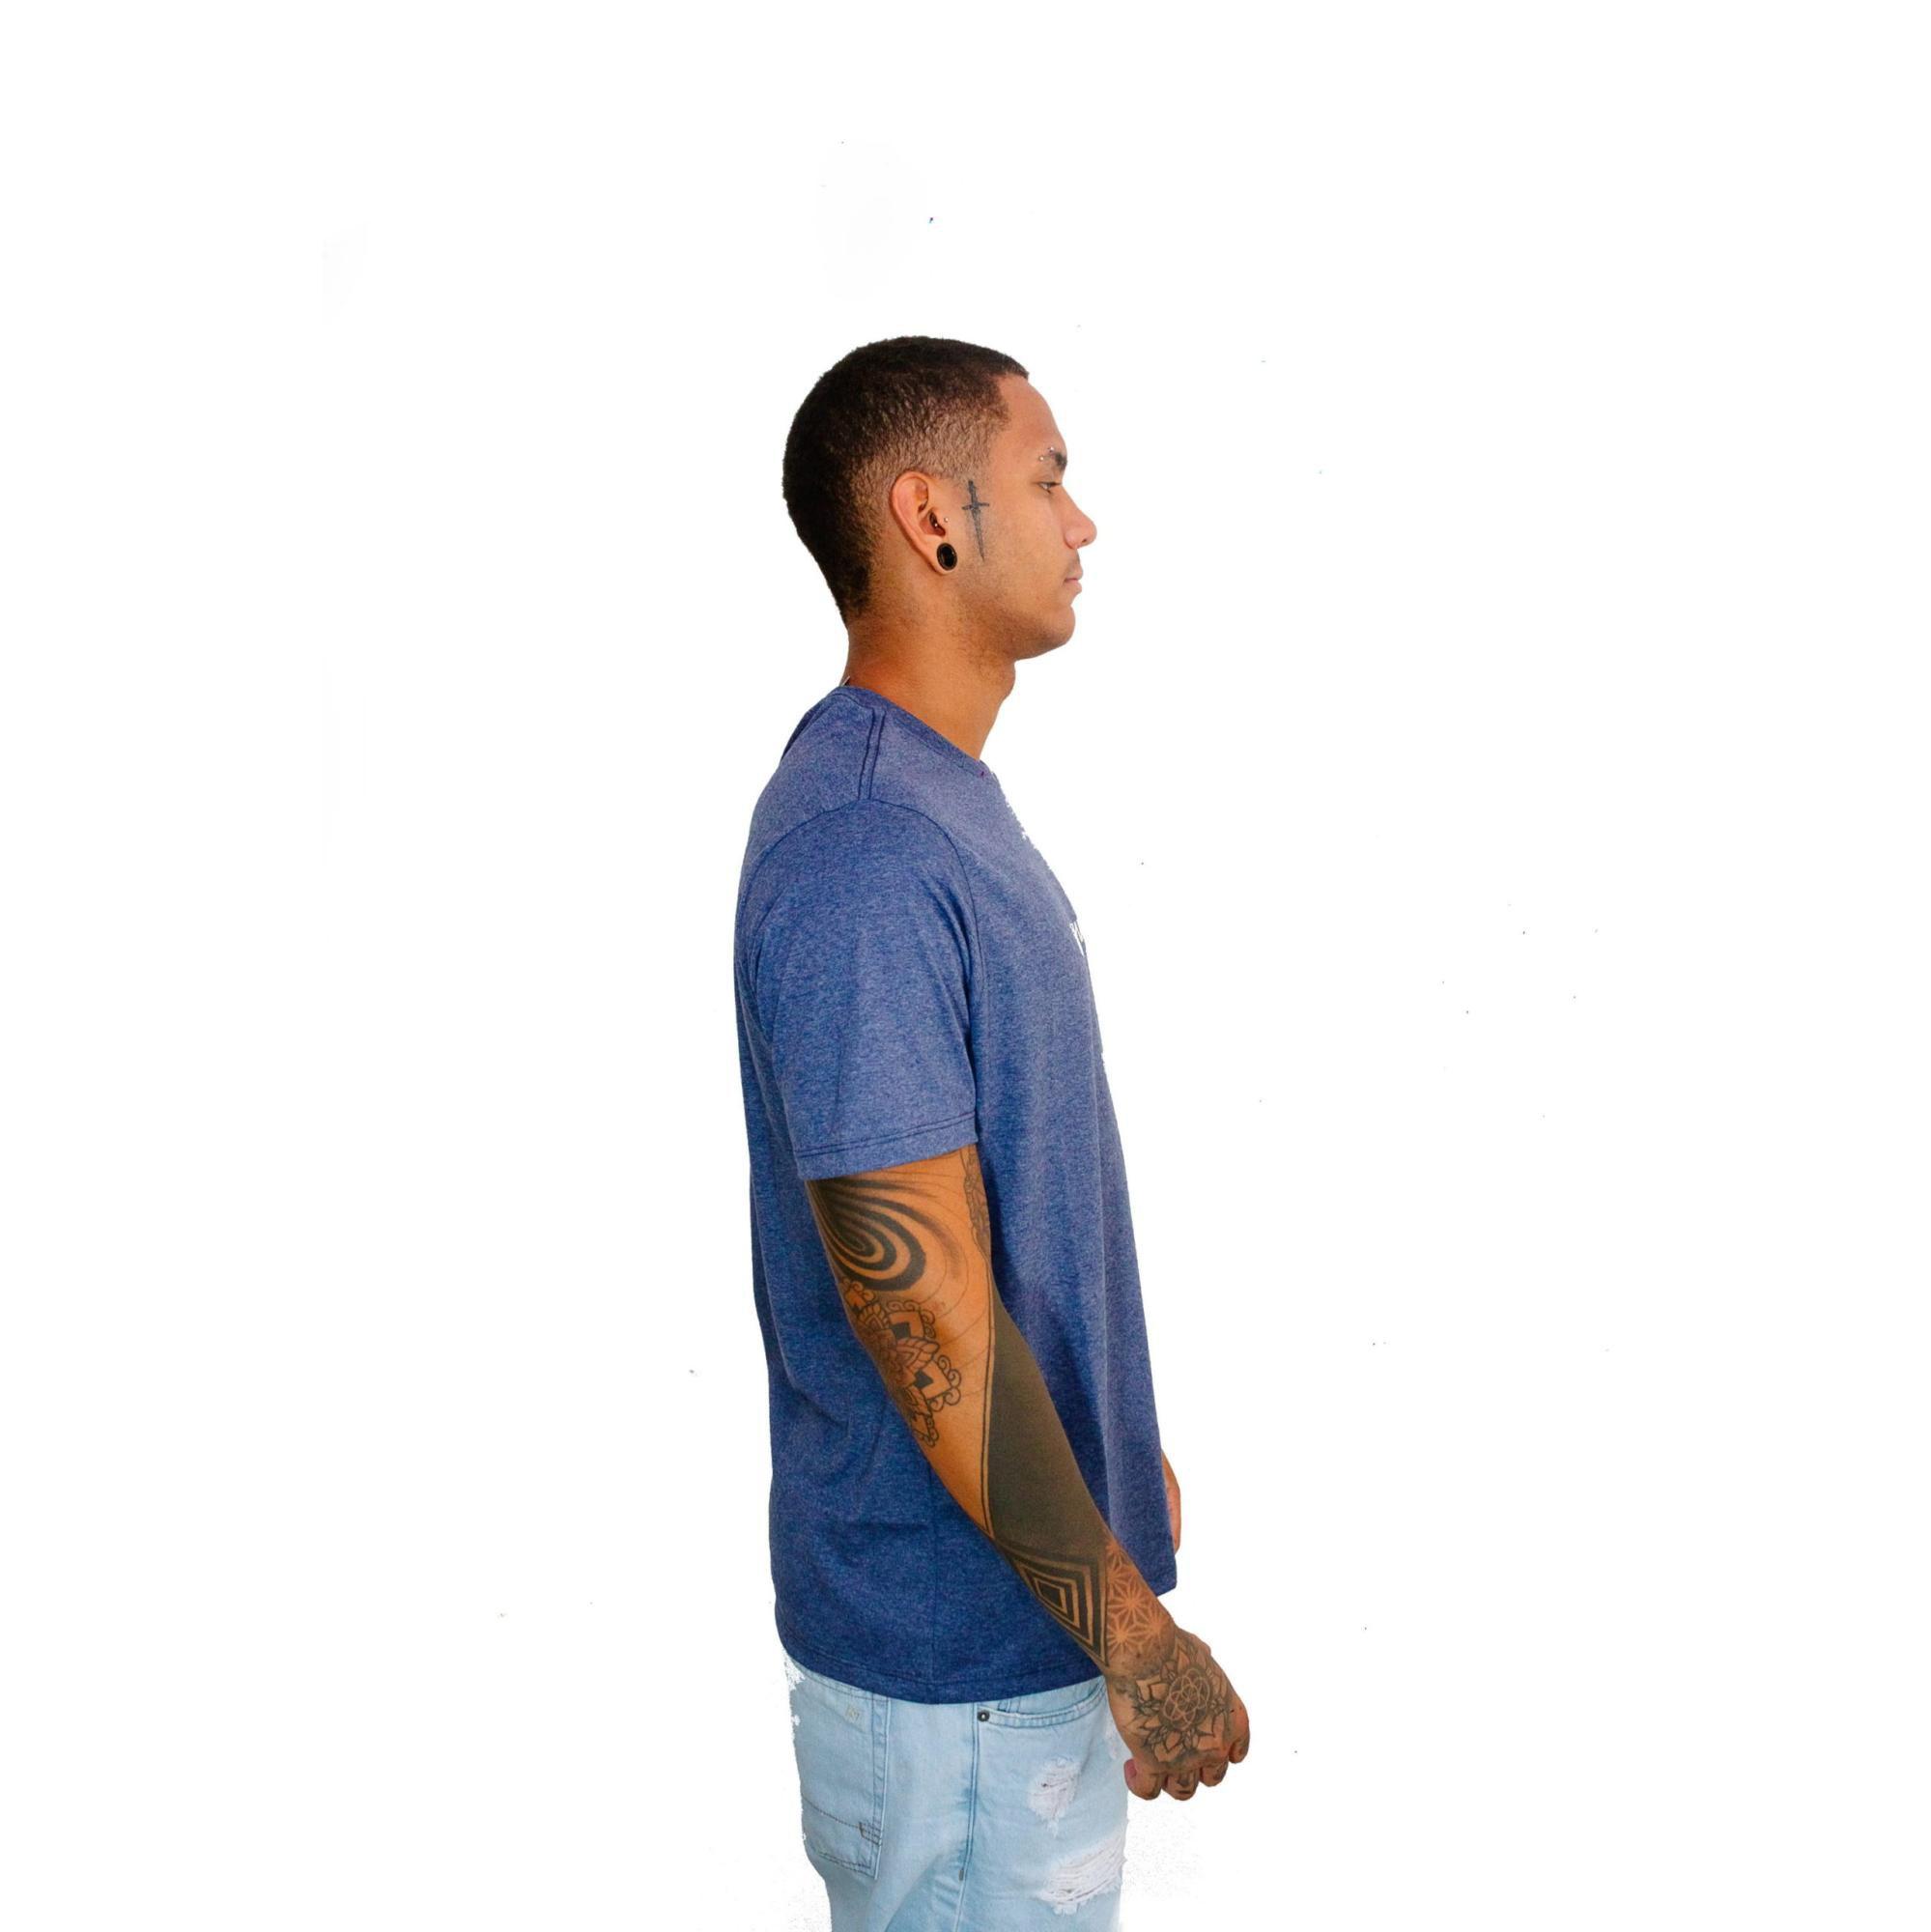 Camiseta WG Basic Indigo Mescla